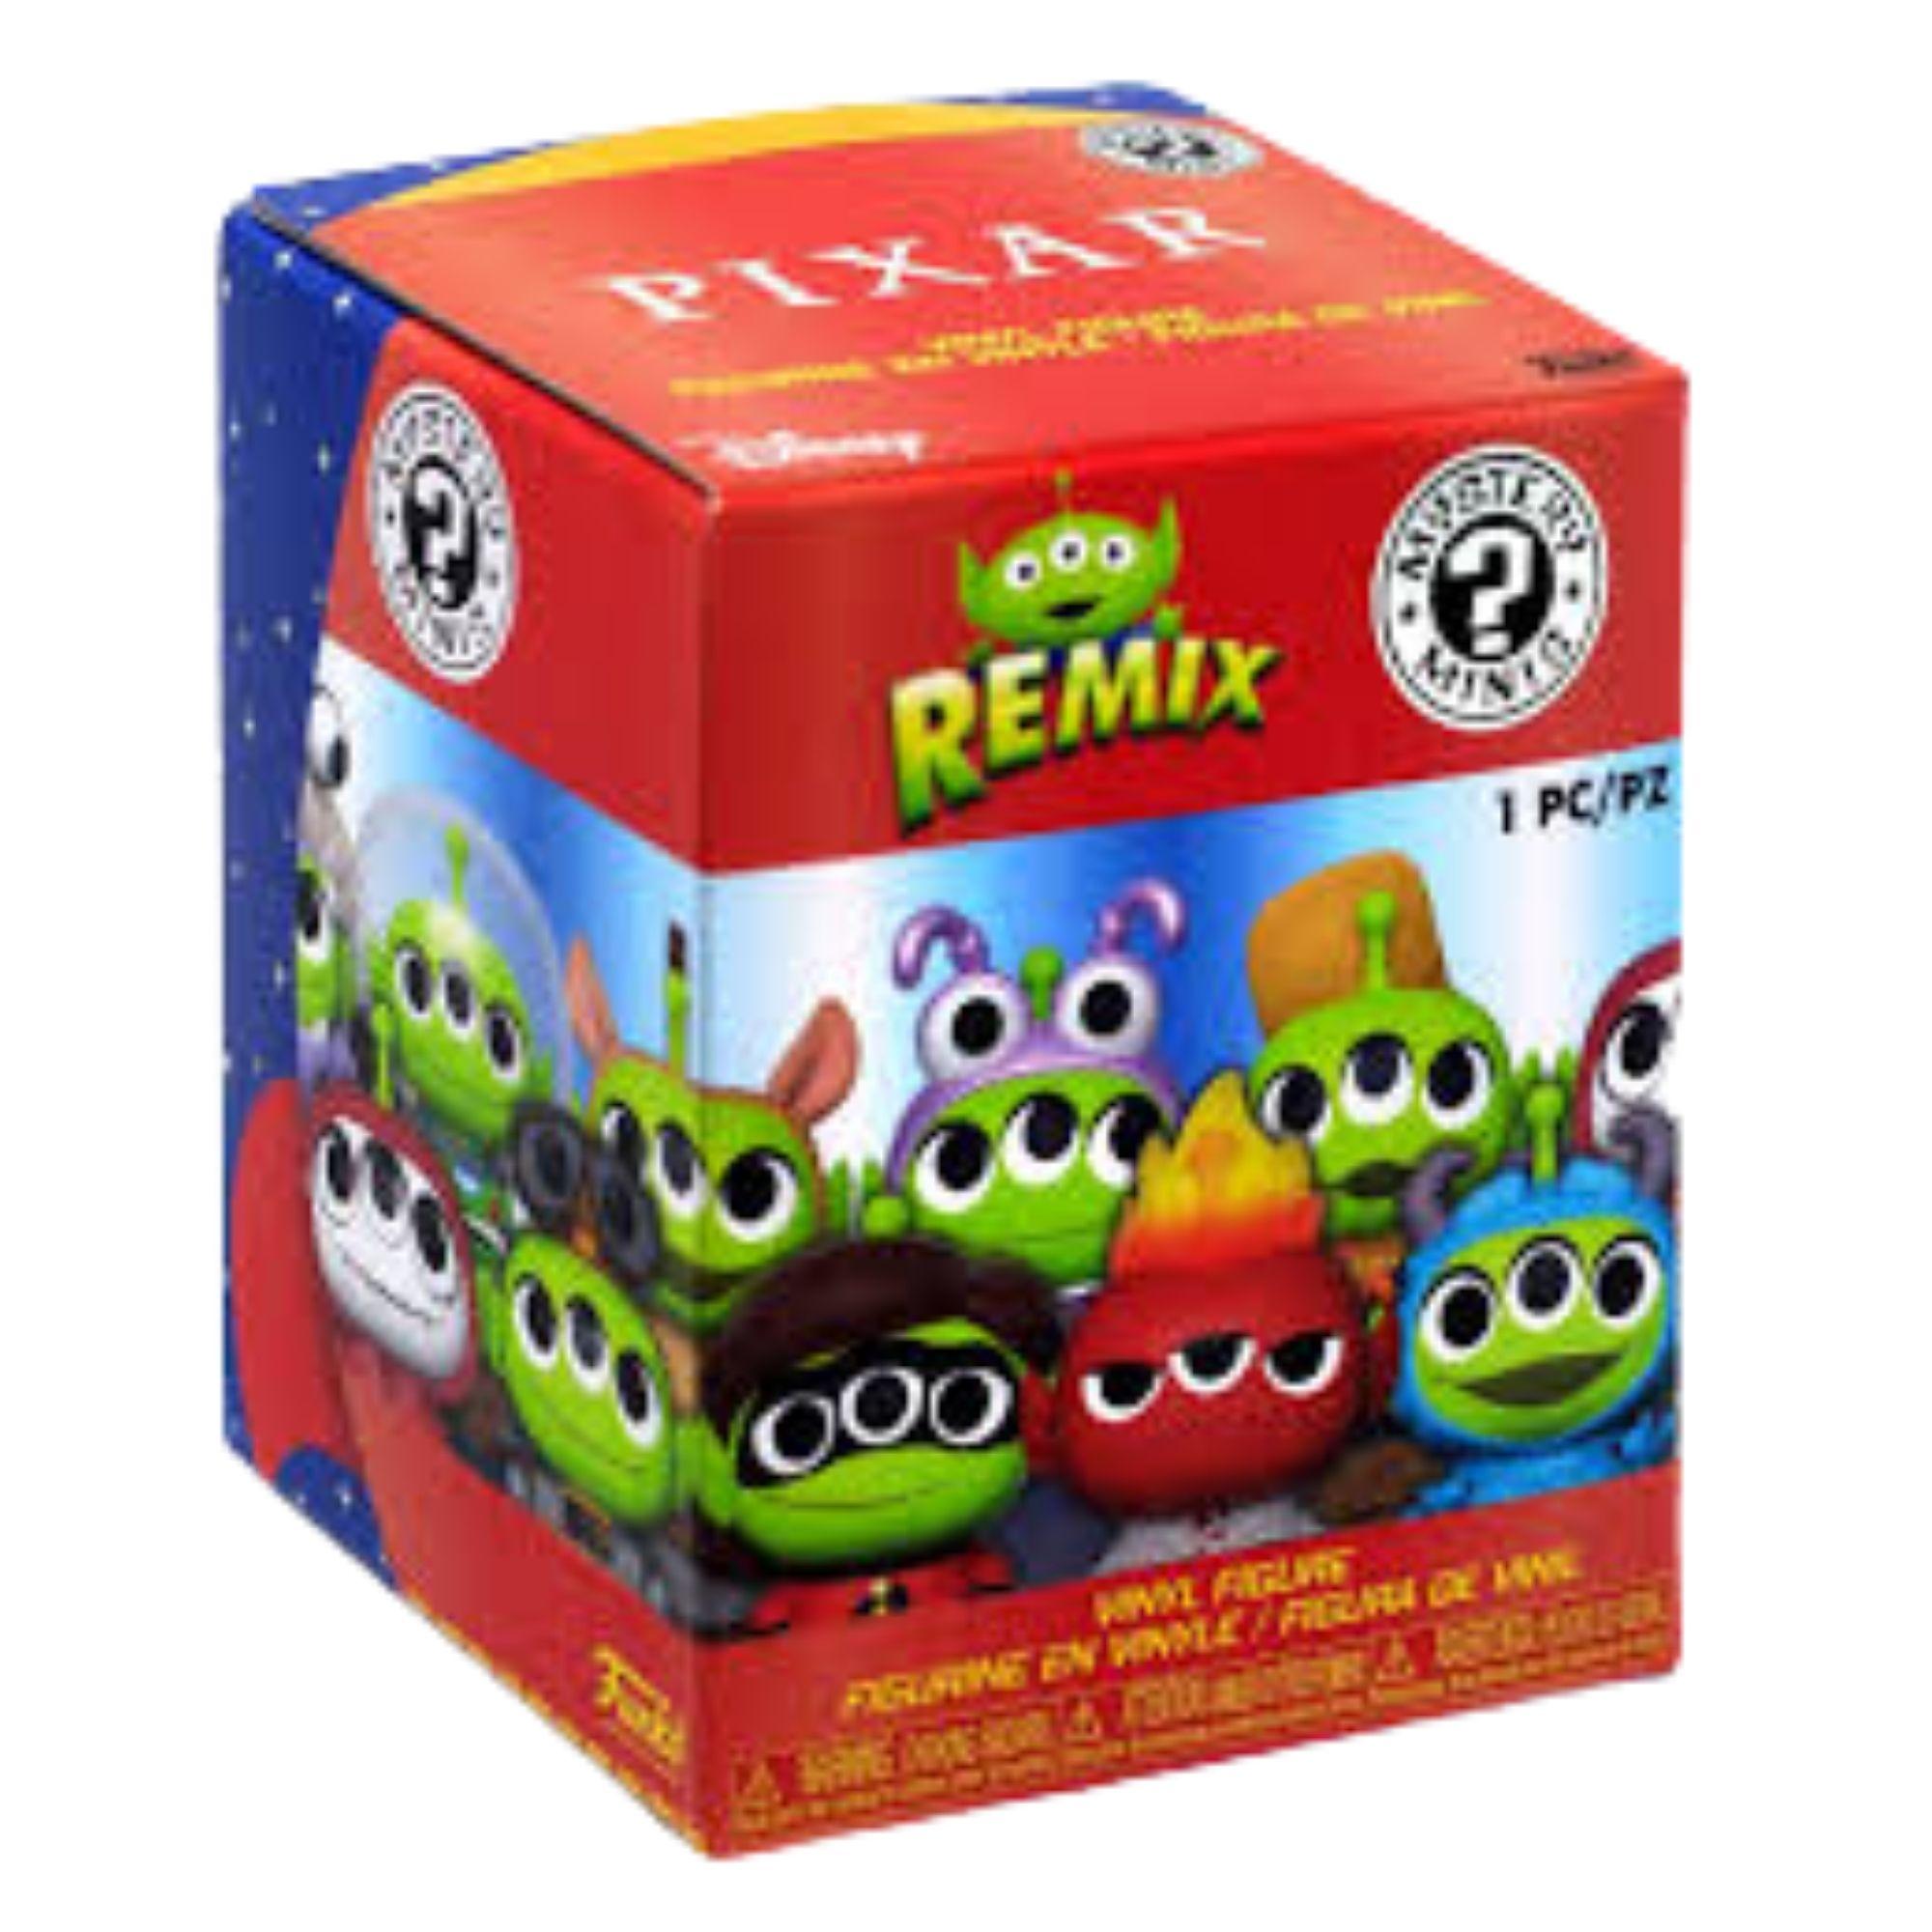 Funko Mini Mystery Remix Alien Raiva Divertidamente  - Game Land Brinquedos